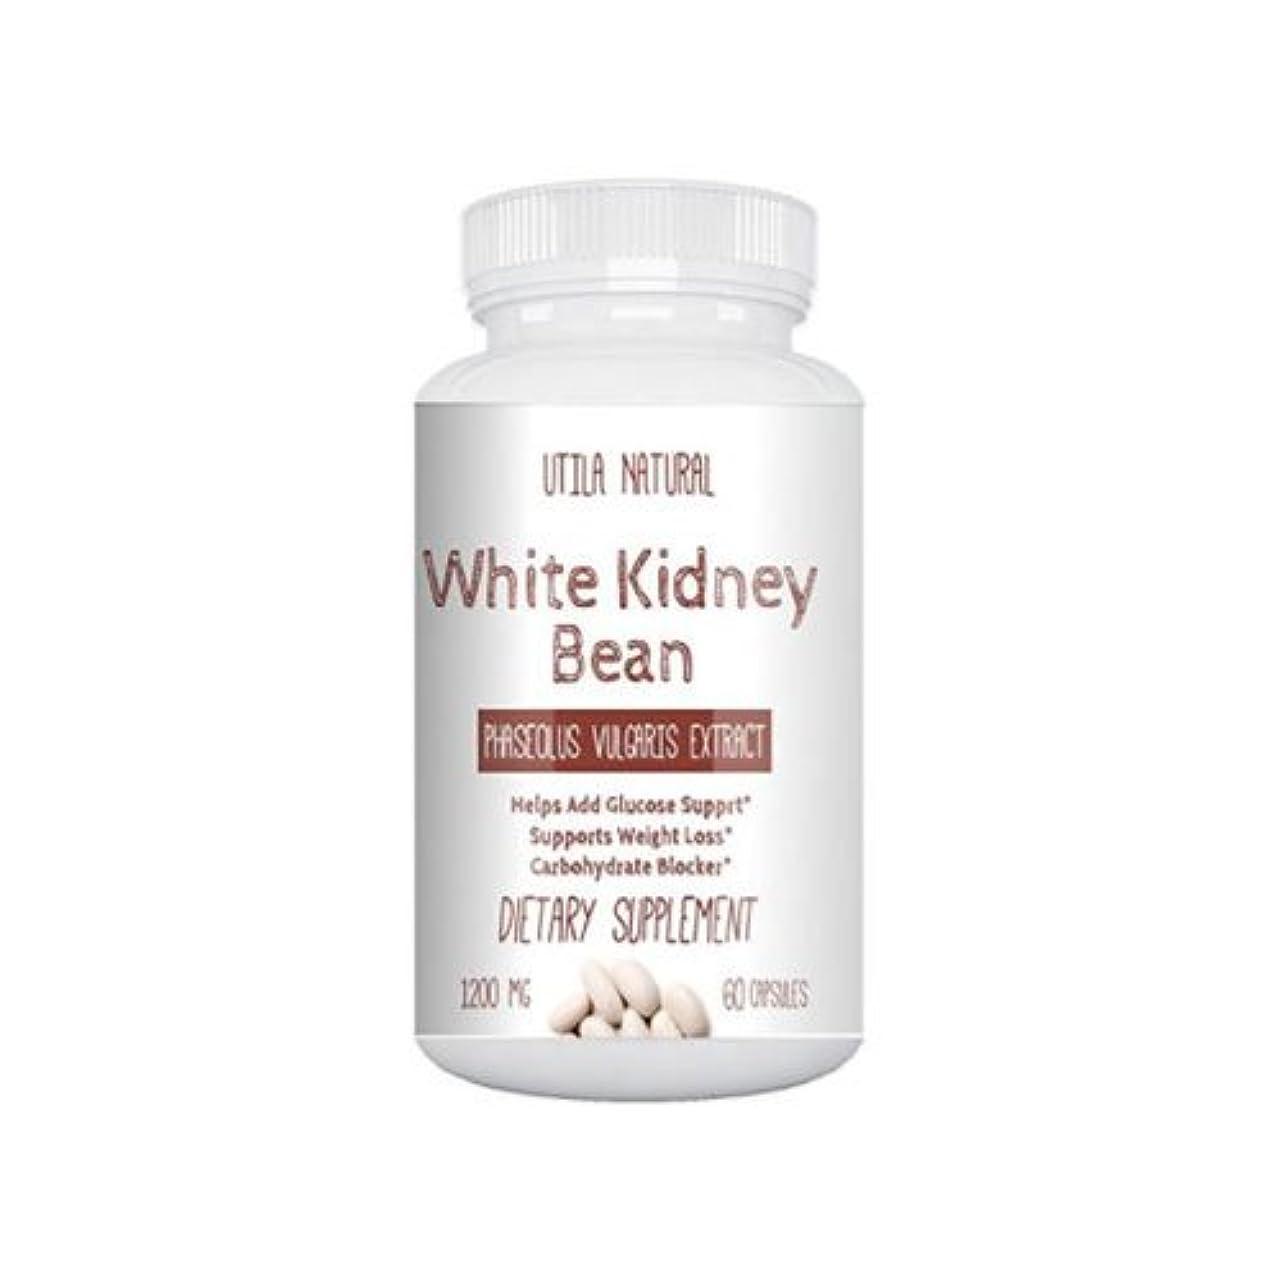 放射能促すパブ白いんげん豆サプリ ホワイトキドニービーン抽出液 600mg 60ベジタブルカプセル White Kidney Bean [並行輸入品]